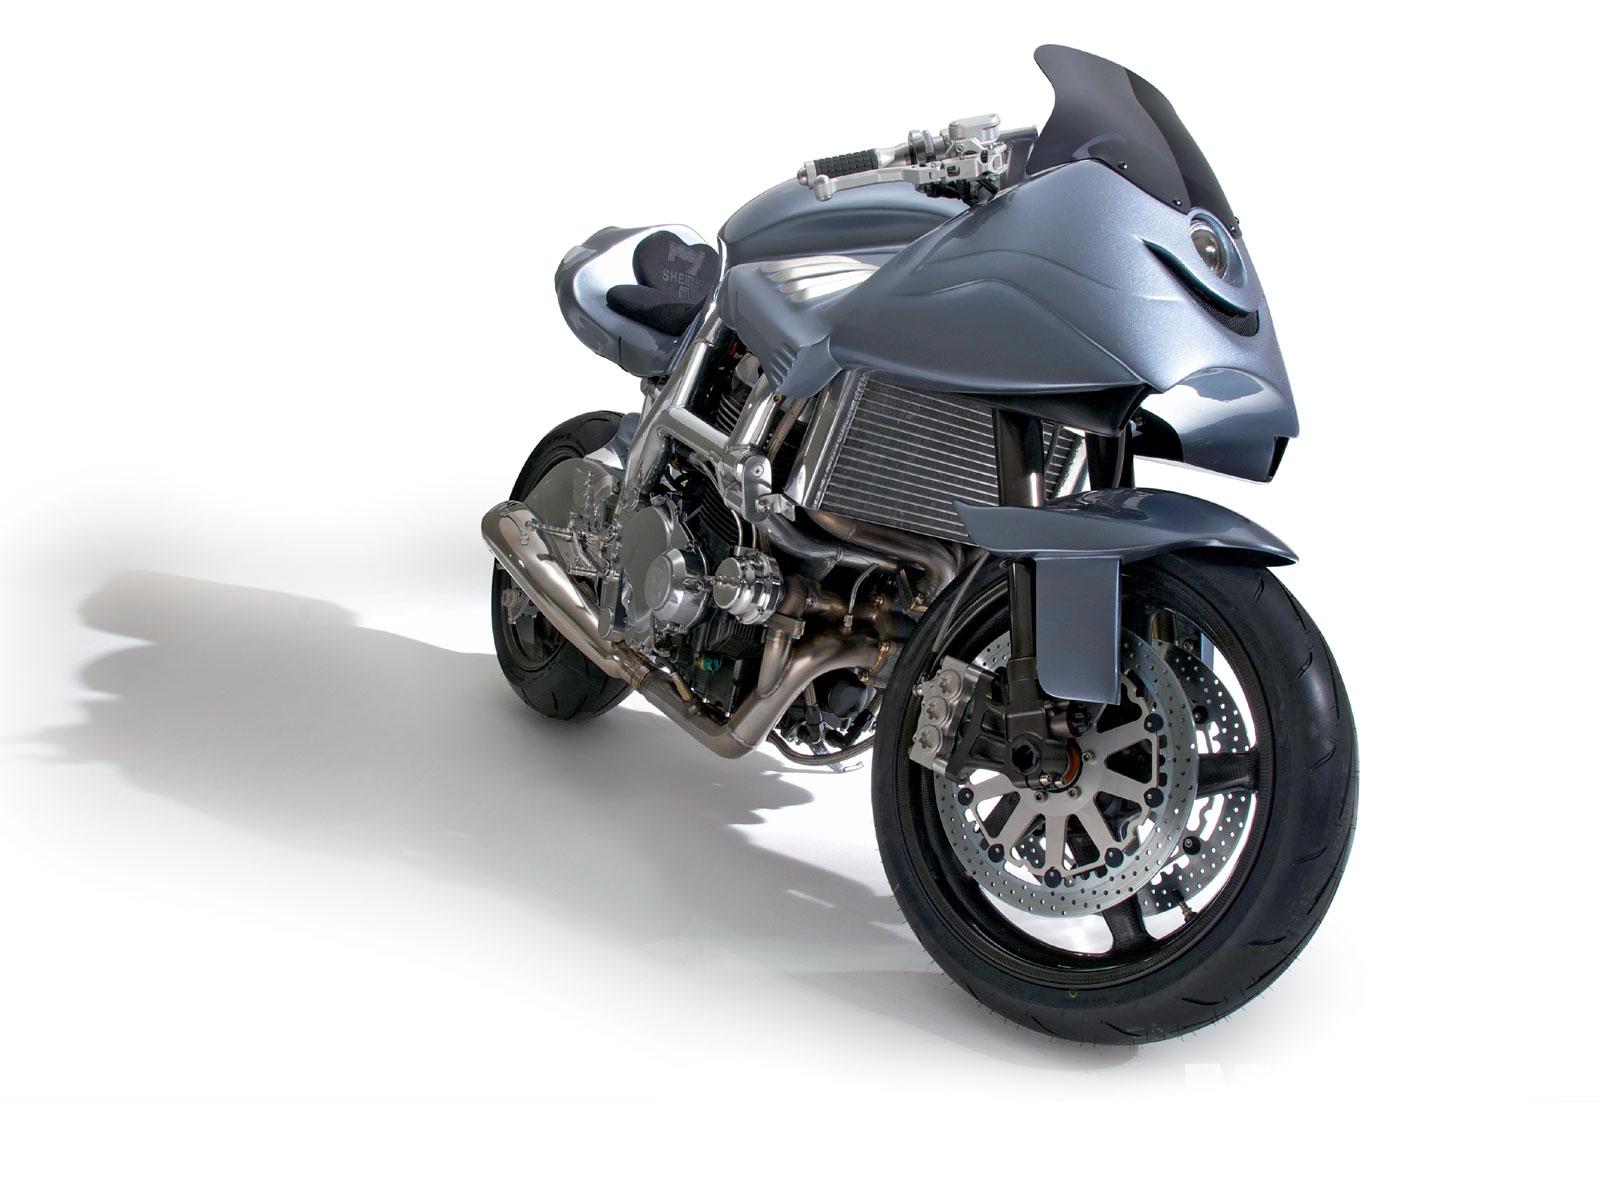 تصاویر/گرانترین موتورسیکلتهای دنیا